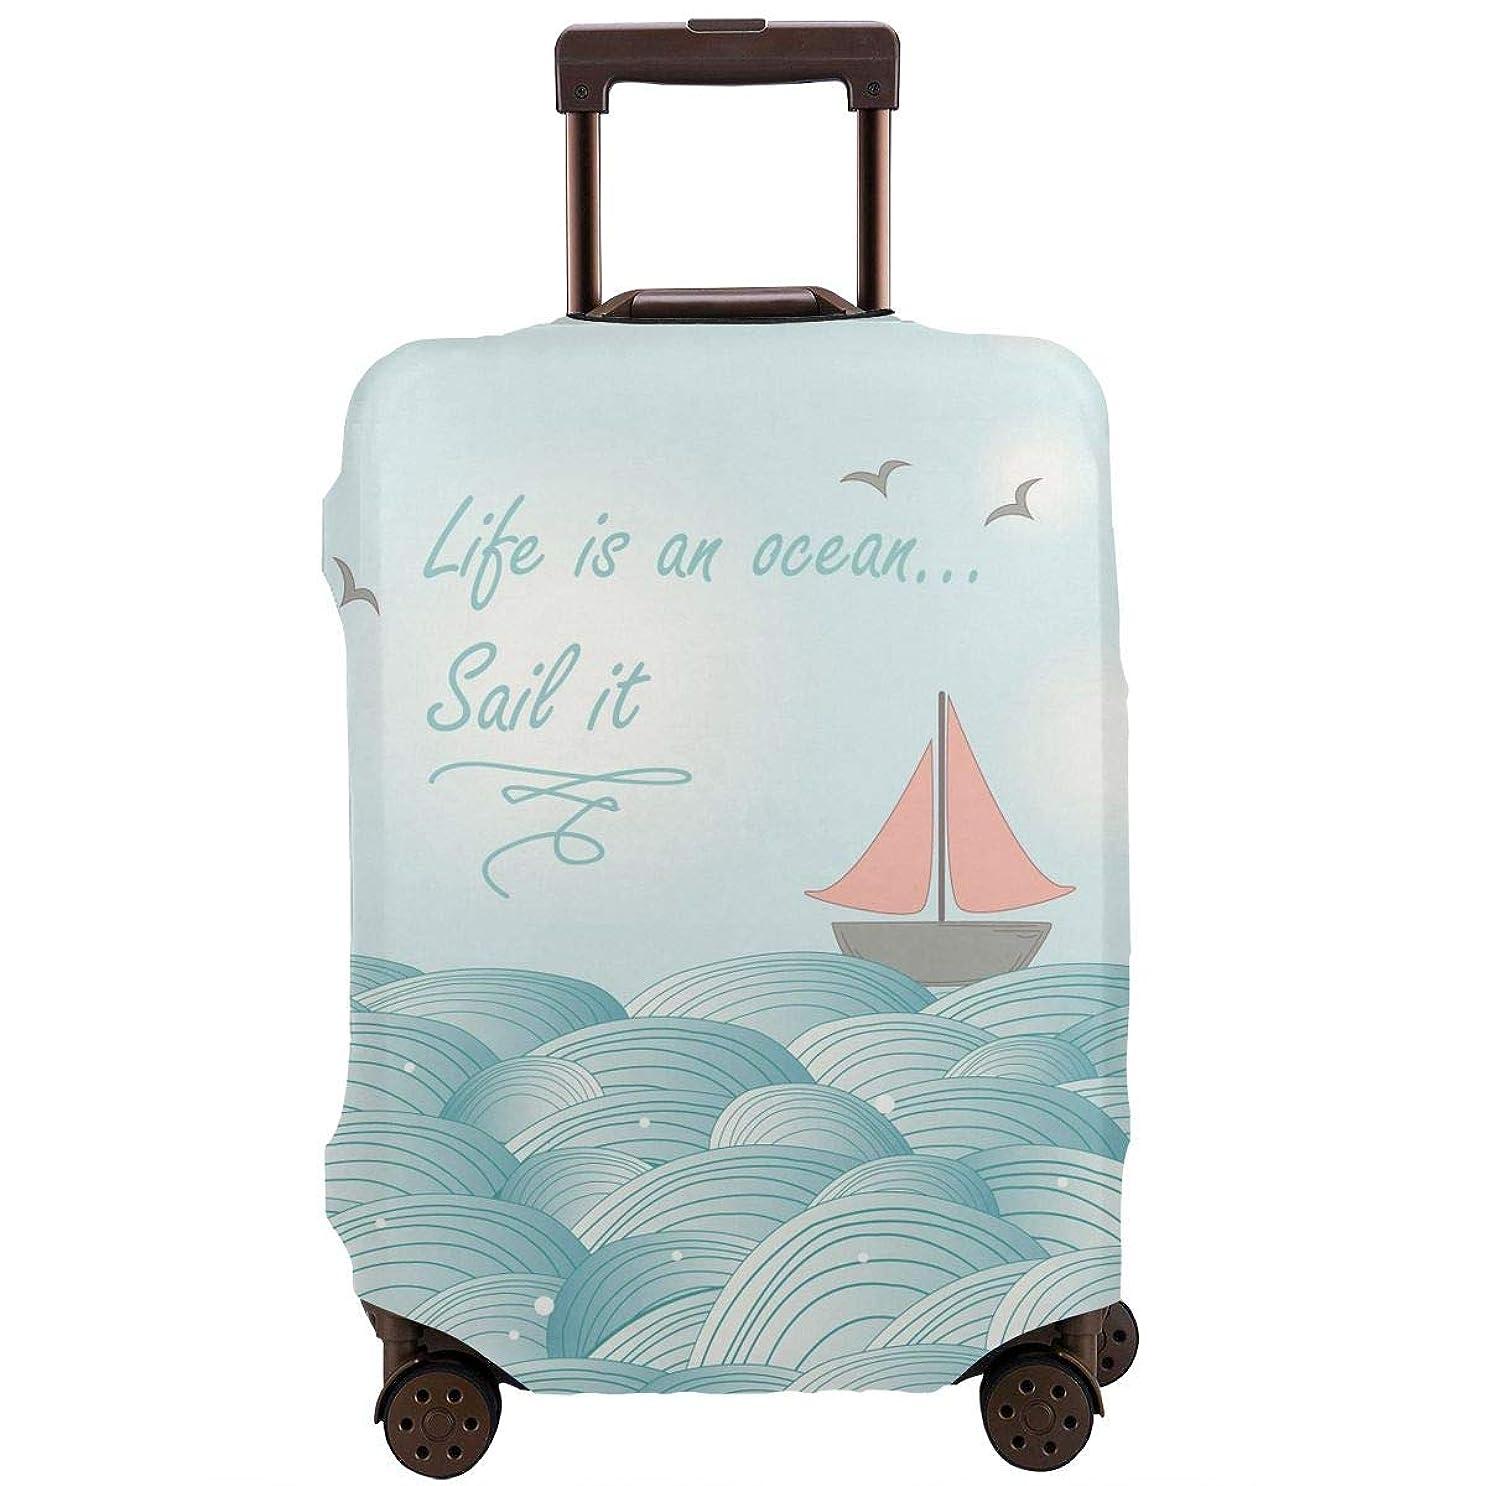 どのくらいの頻度でカフェ朝英文 海 船 絵画 スーツケースカバー 伸縮素材 保護 盗難防止 防塵 かわいい カバー キズから保護 洗える おしゃれ かわいい 人気 旅行 海外 便利 ジッパー